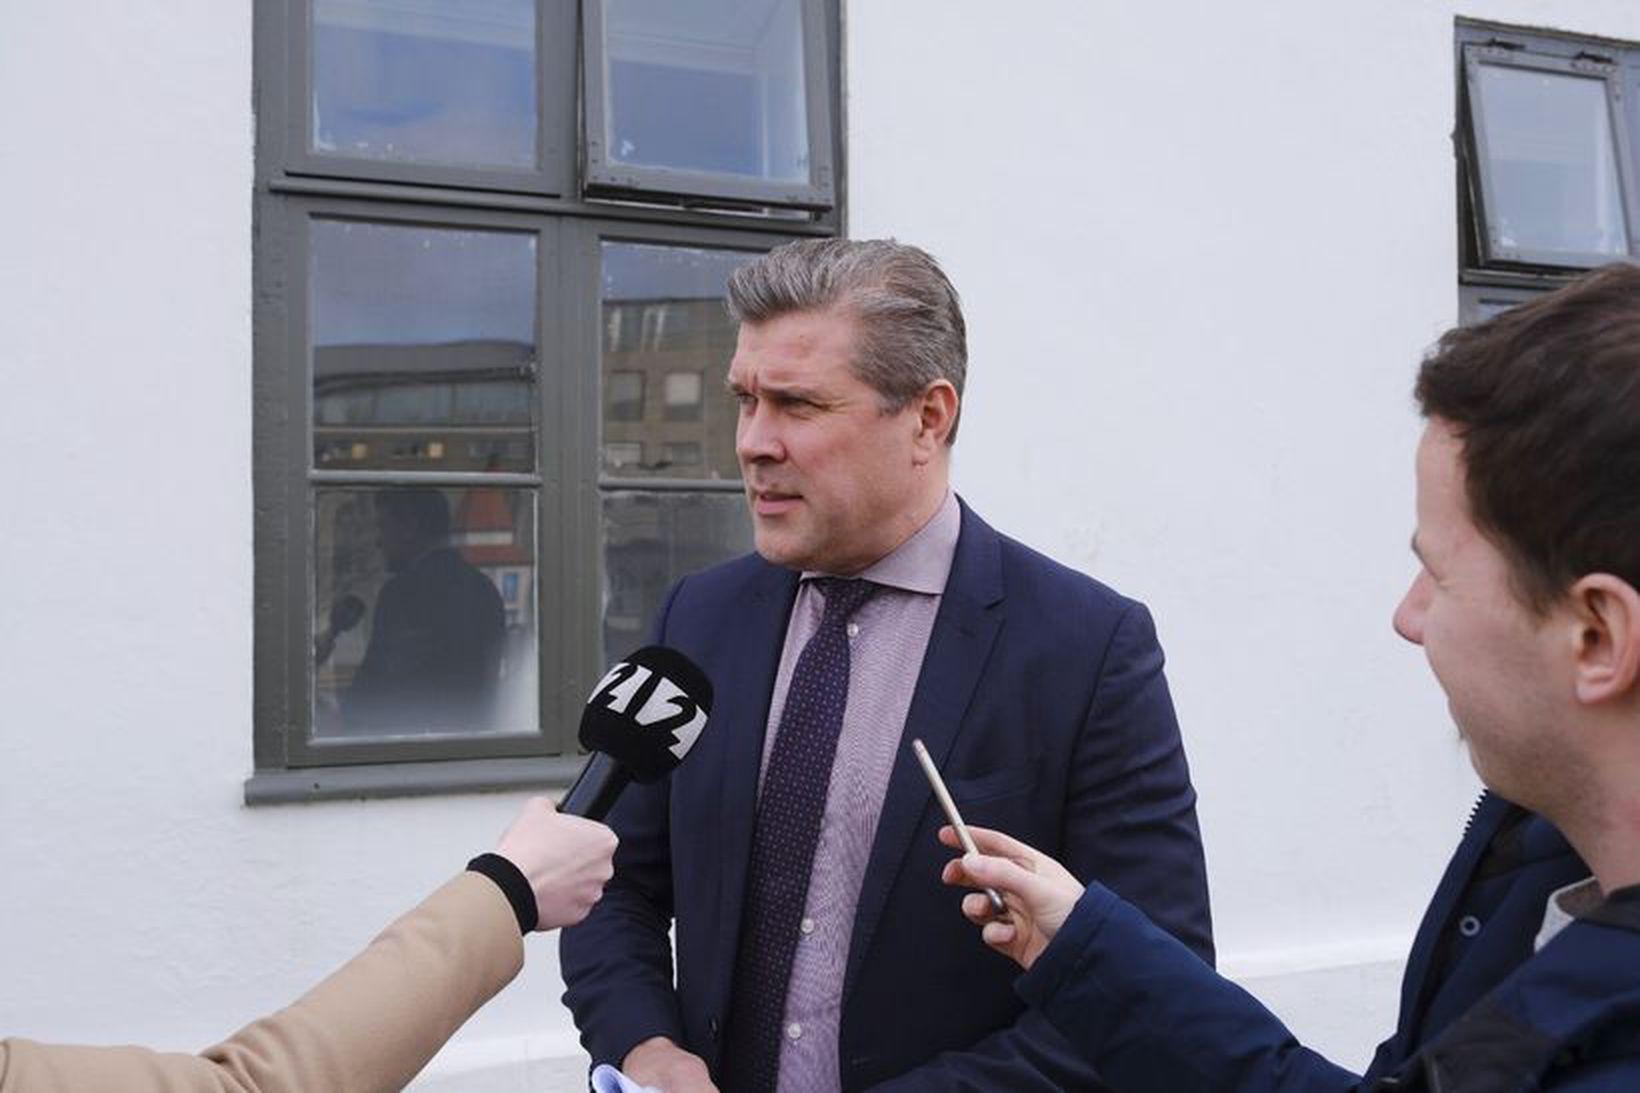 Bjarni Benediktsson fjármálaráðherra ræðir við fjölmiðla í dag eftir ríkisstjórnarfundinn.